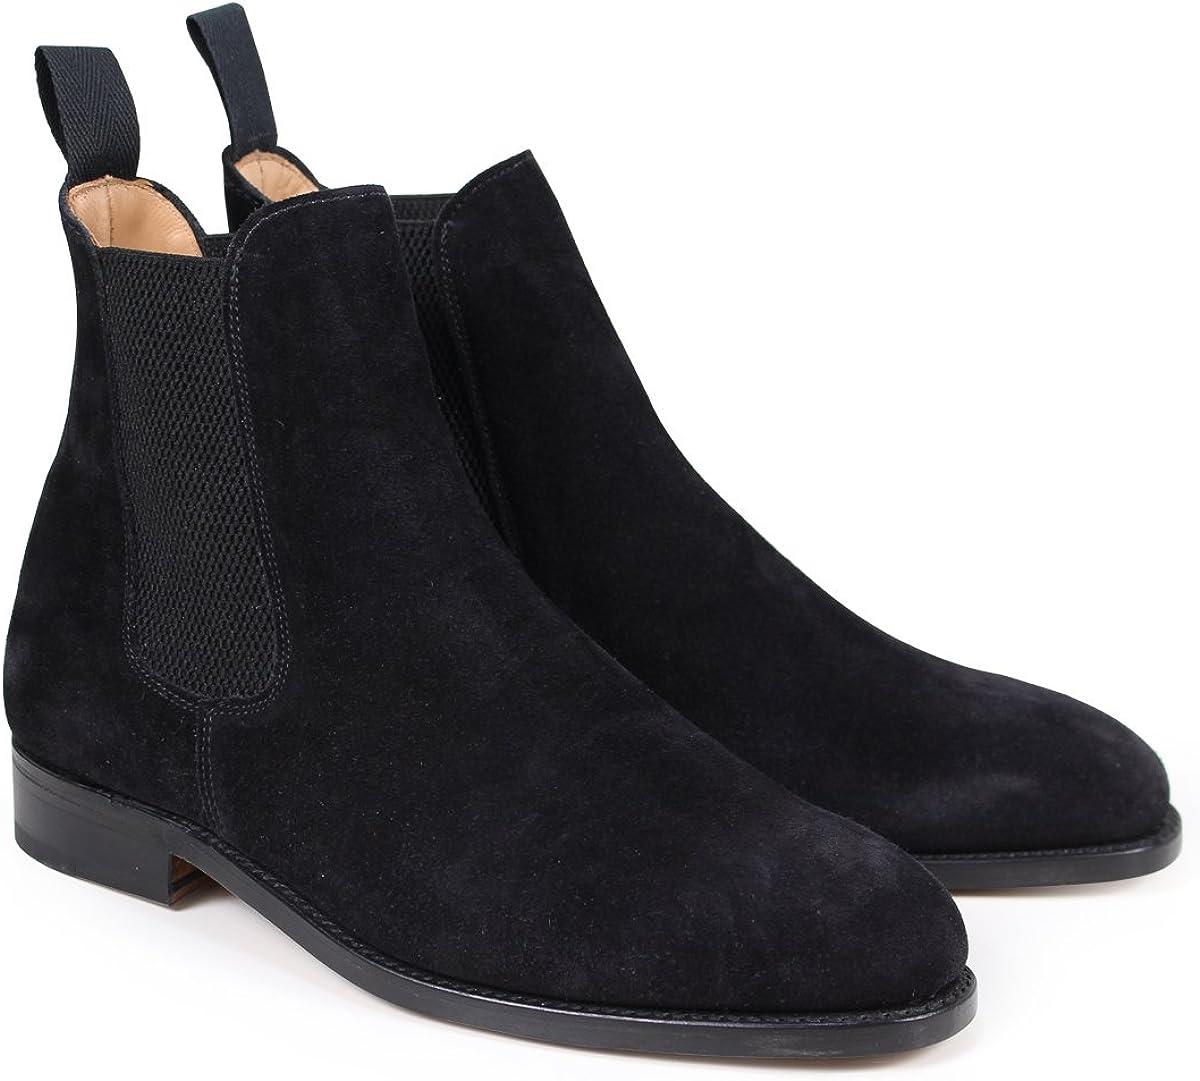 [サンダース] MARYLEBONE CHELSEA BOOT サイドゴア ブーツ スエード 9903BS メンズ GB6.5-25.5 (並行輸入品)